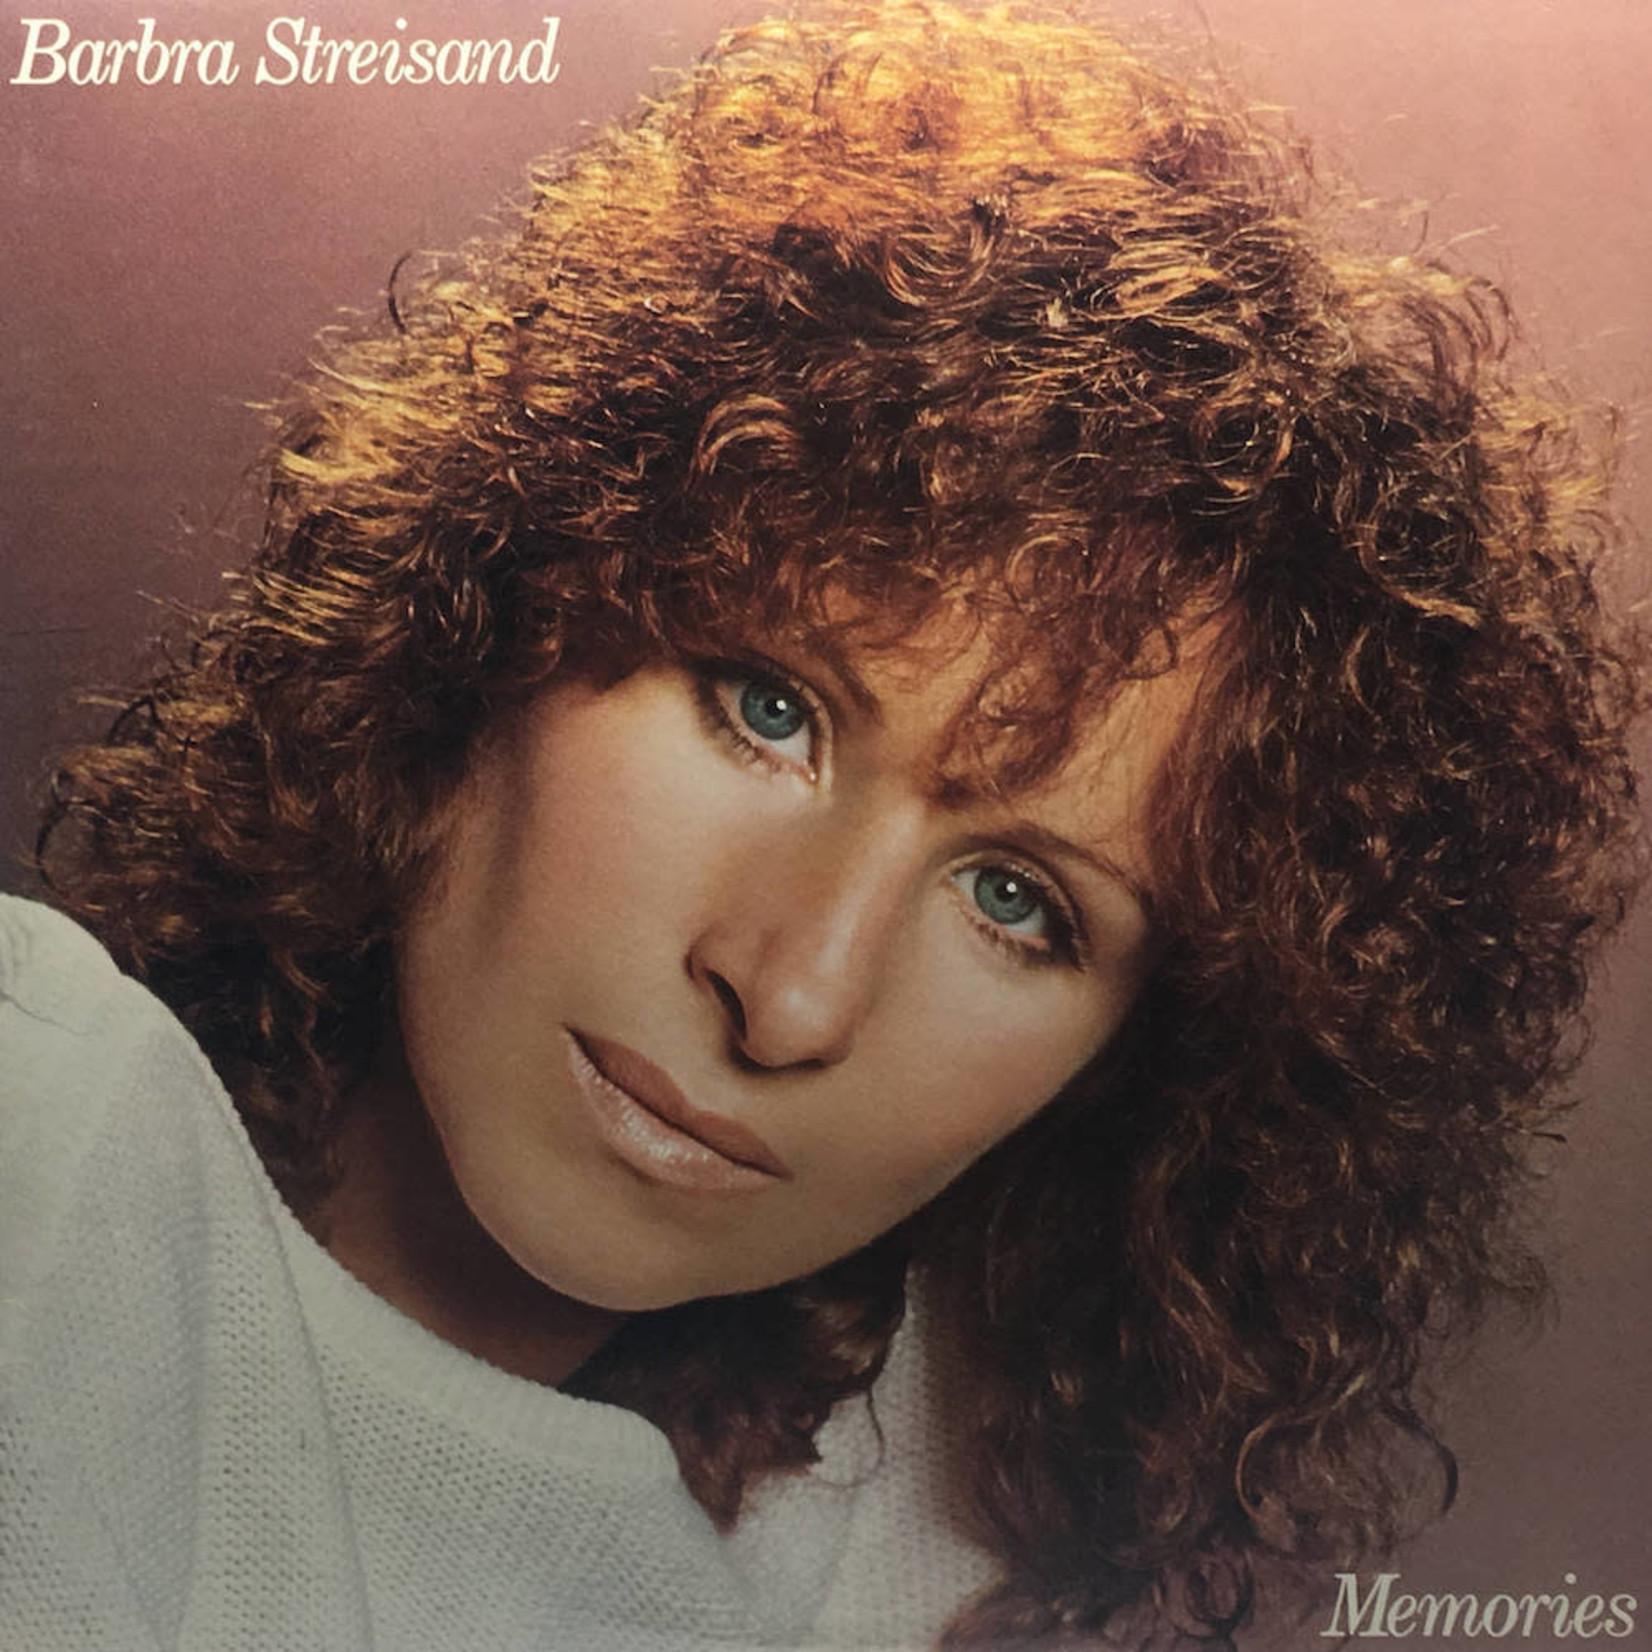 [Vintage] Streisand, Barbra: Memories